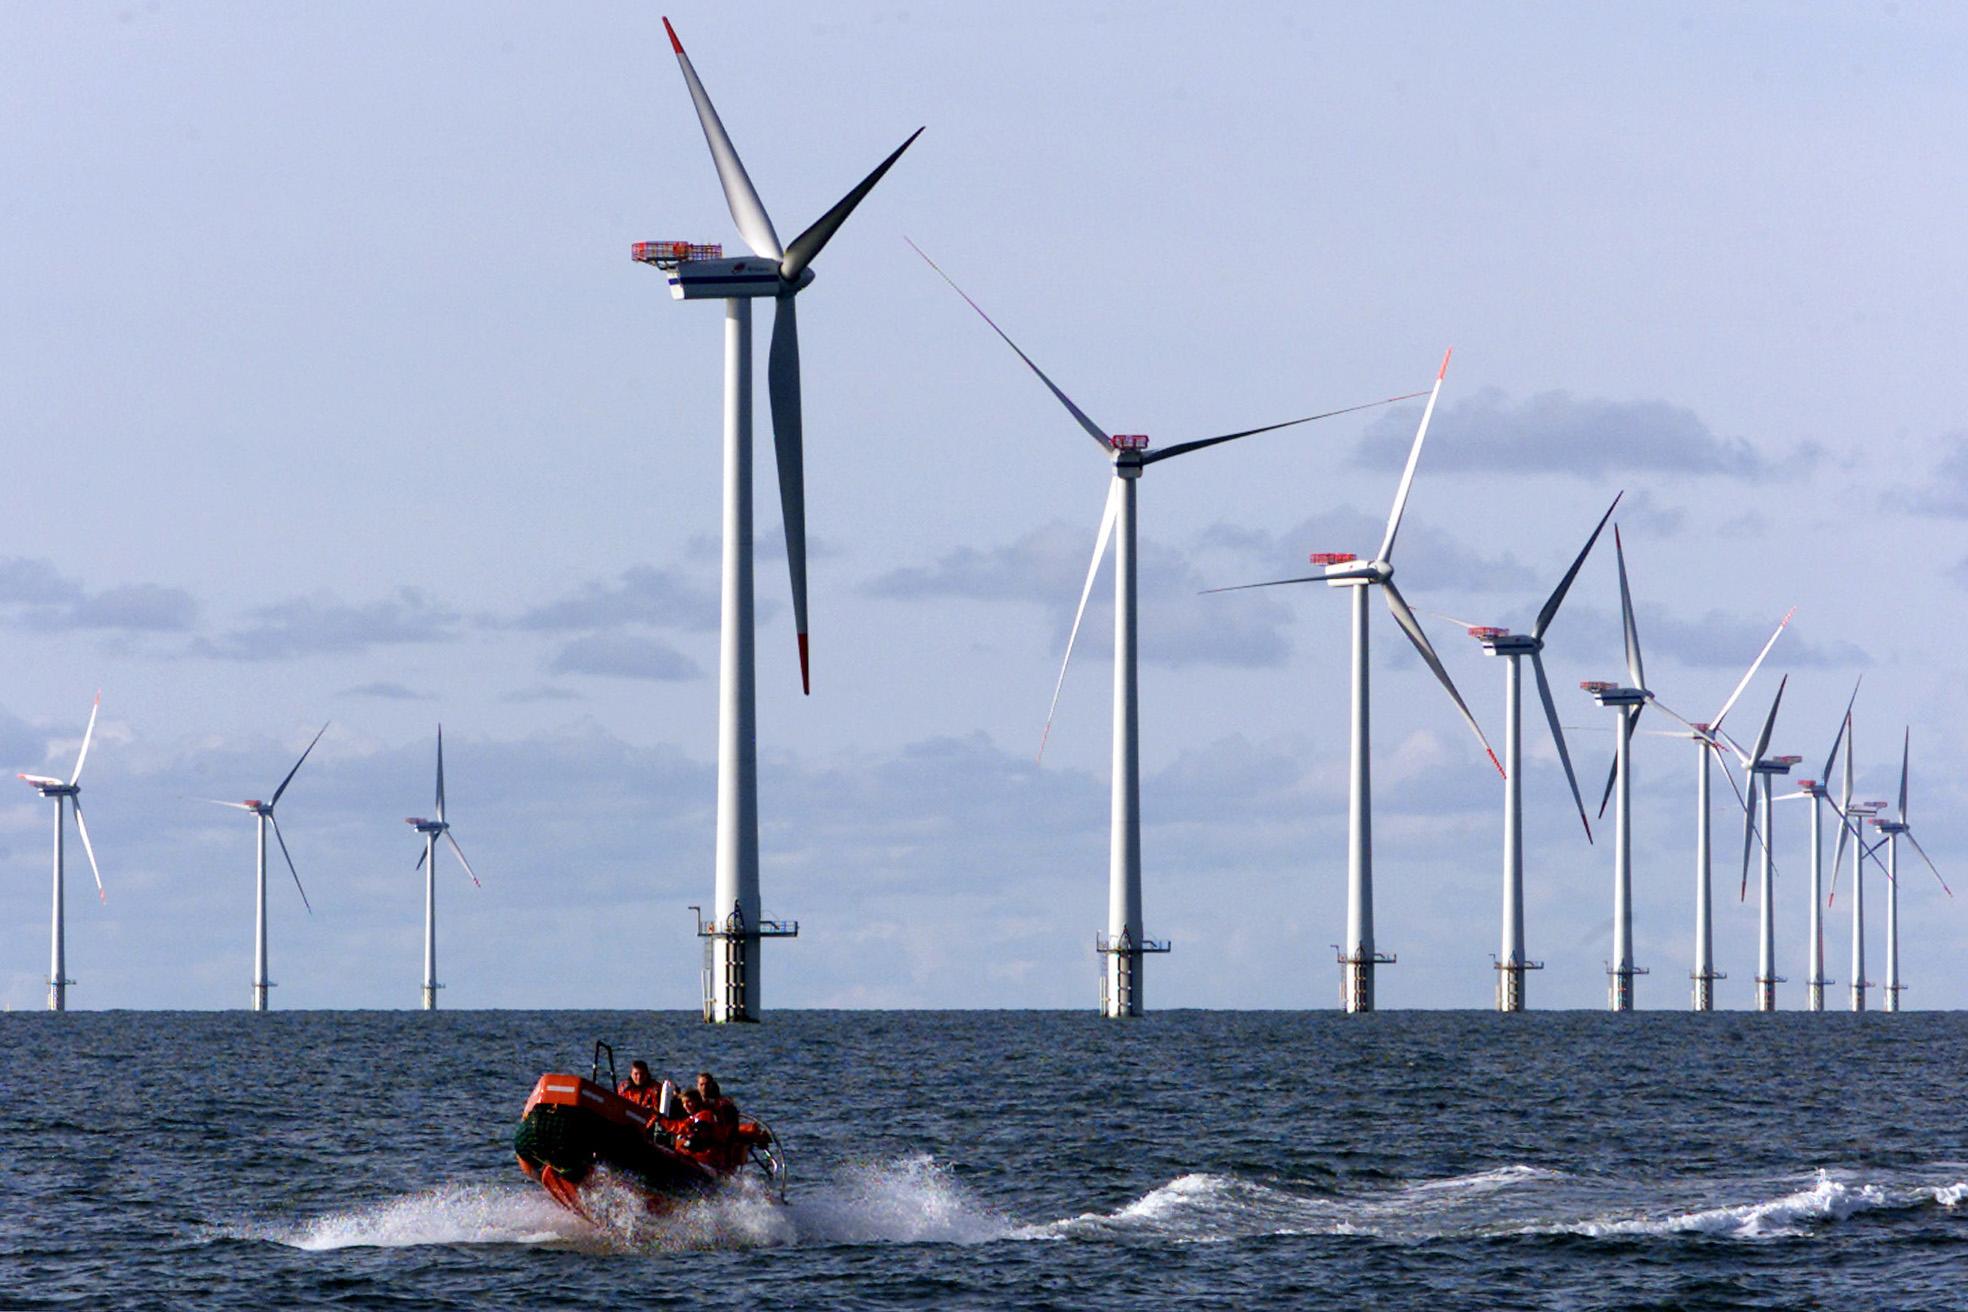 Wind farm surveying begins off N J  coast - WHYY